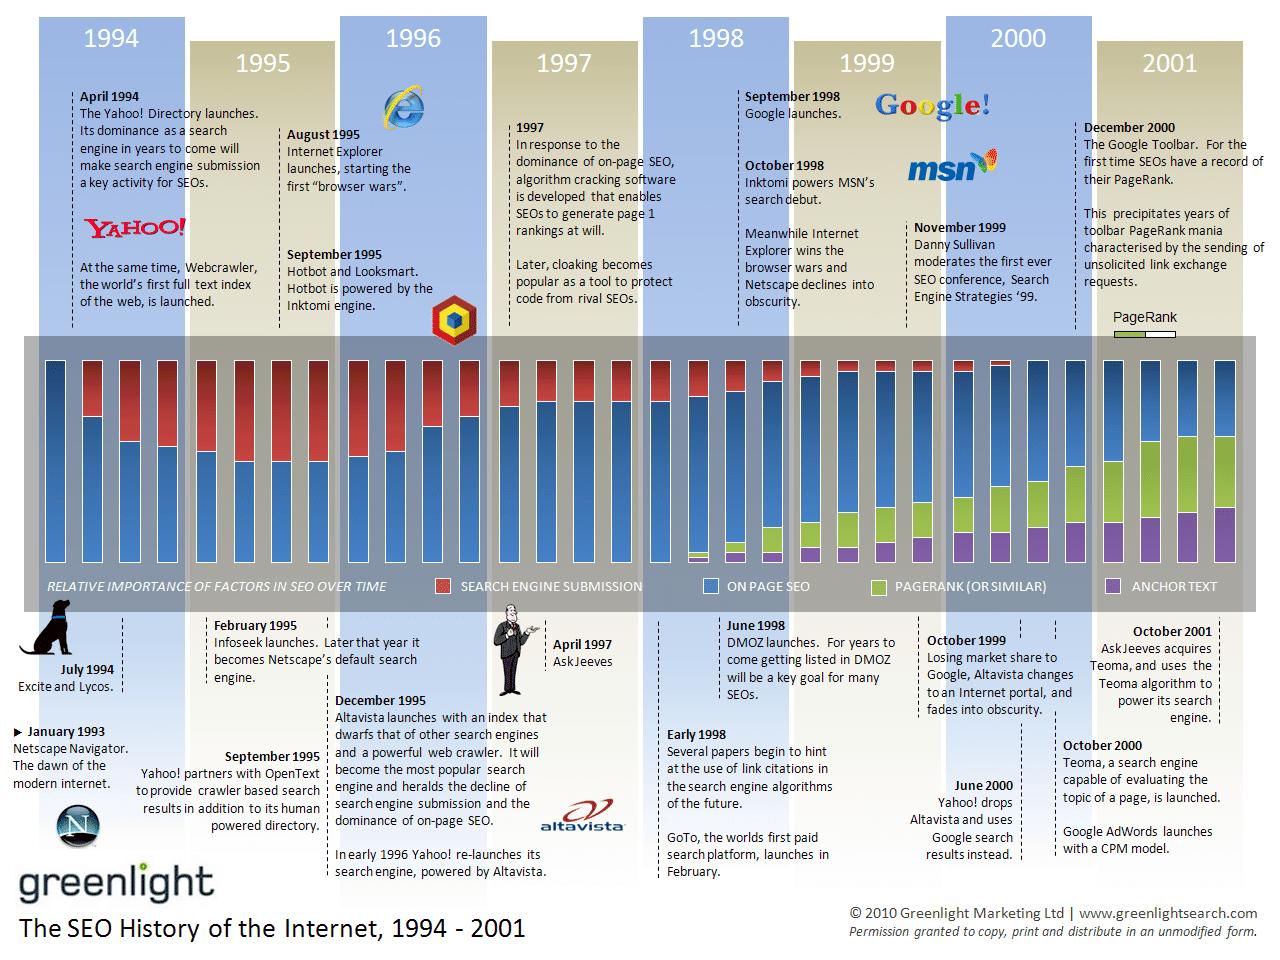 greenlight history of seo 1994 2001 - SEO Tutorial: Eine ausführliche Anleitung zur Suchmaschinenoptimierung